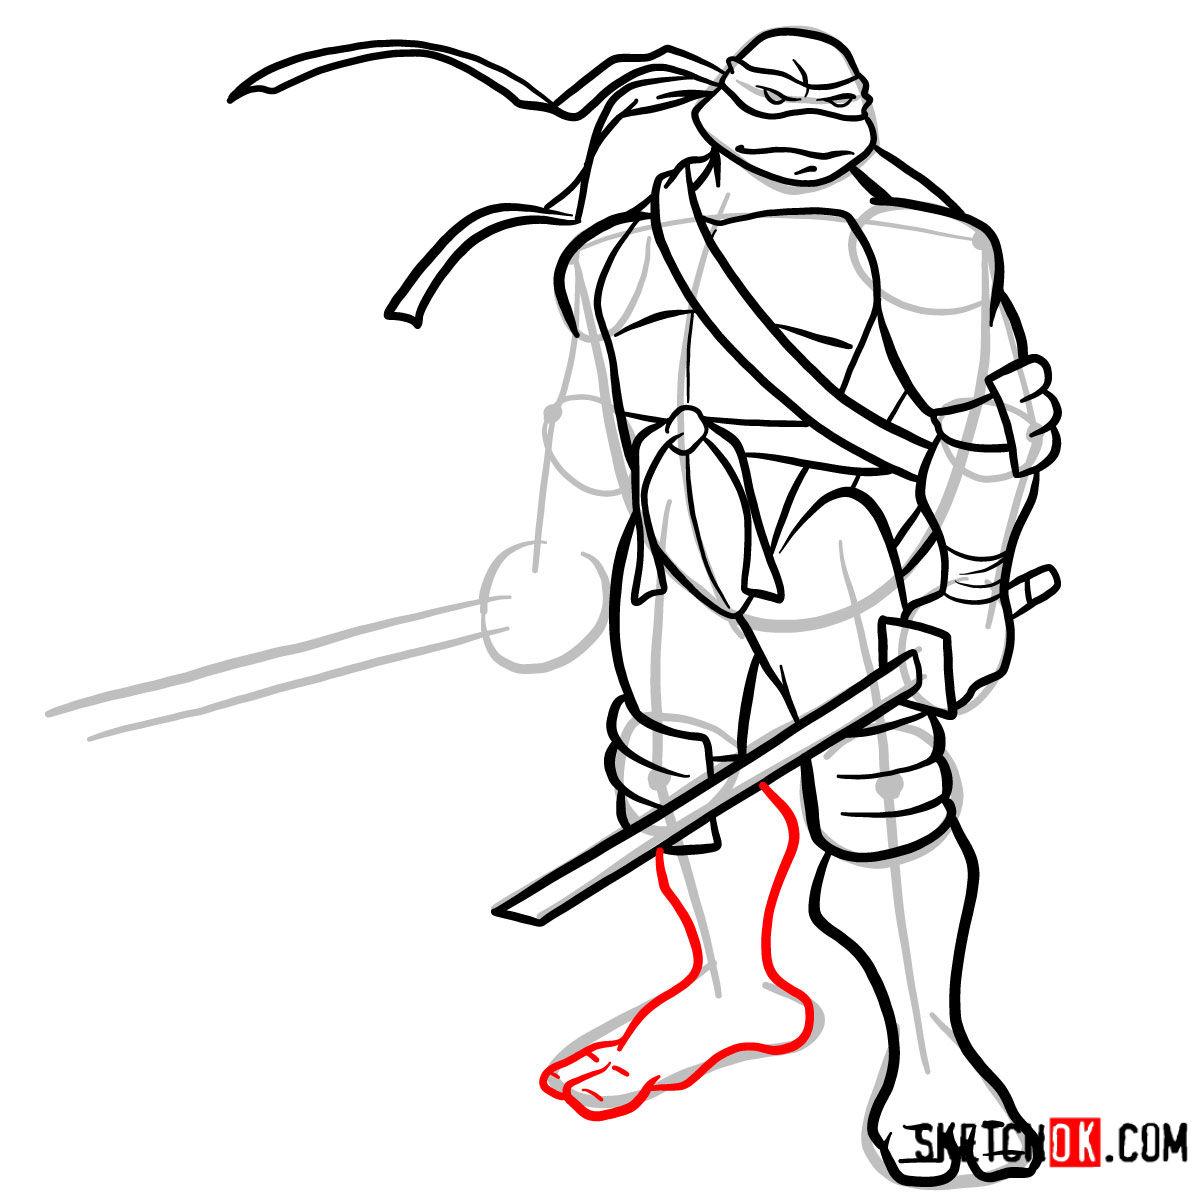 How to draw Leonardo with Ninjatos | TMNT - step 12